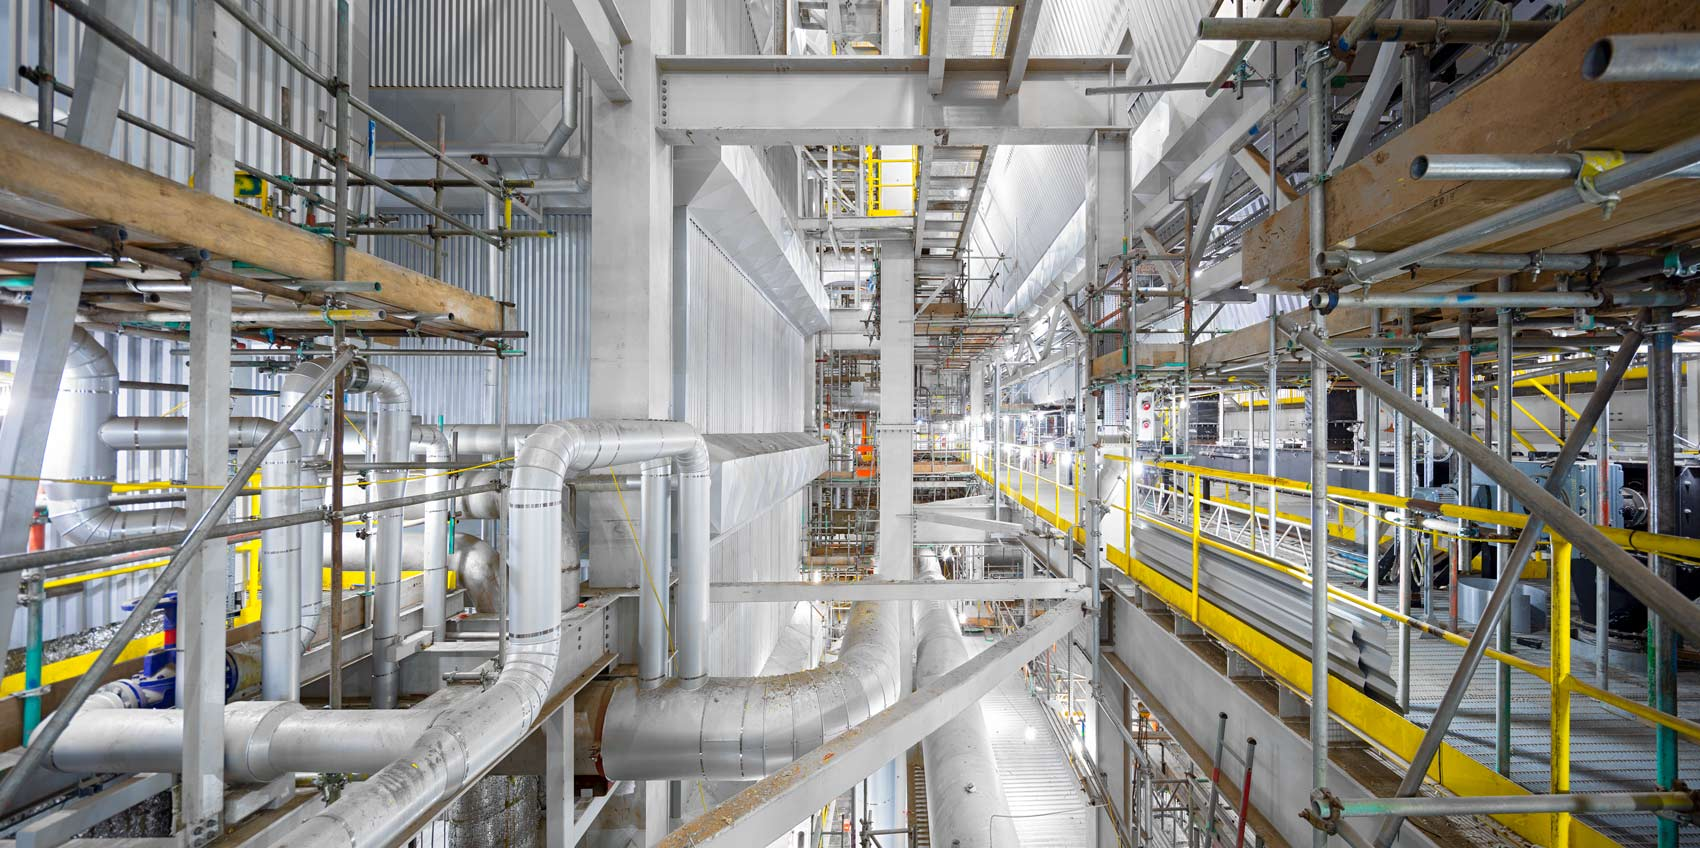 Industrial-photographer-Matthew-Jones-power-plant-project